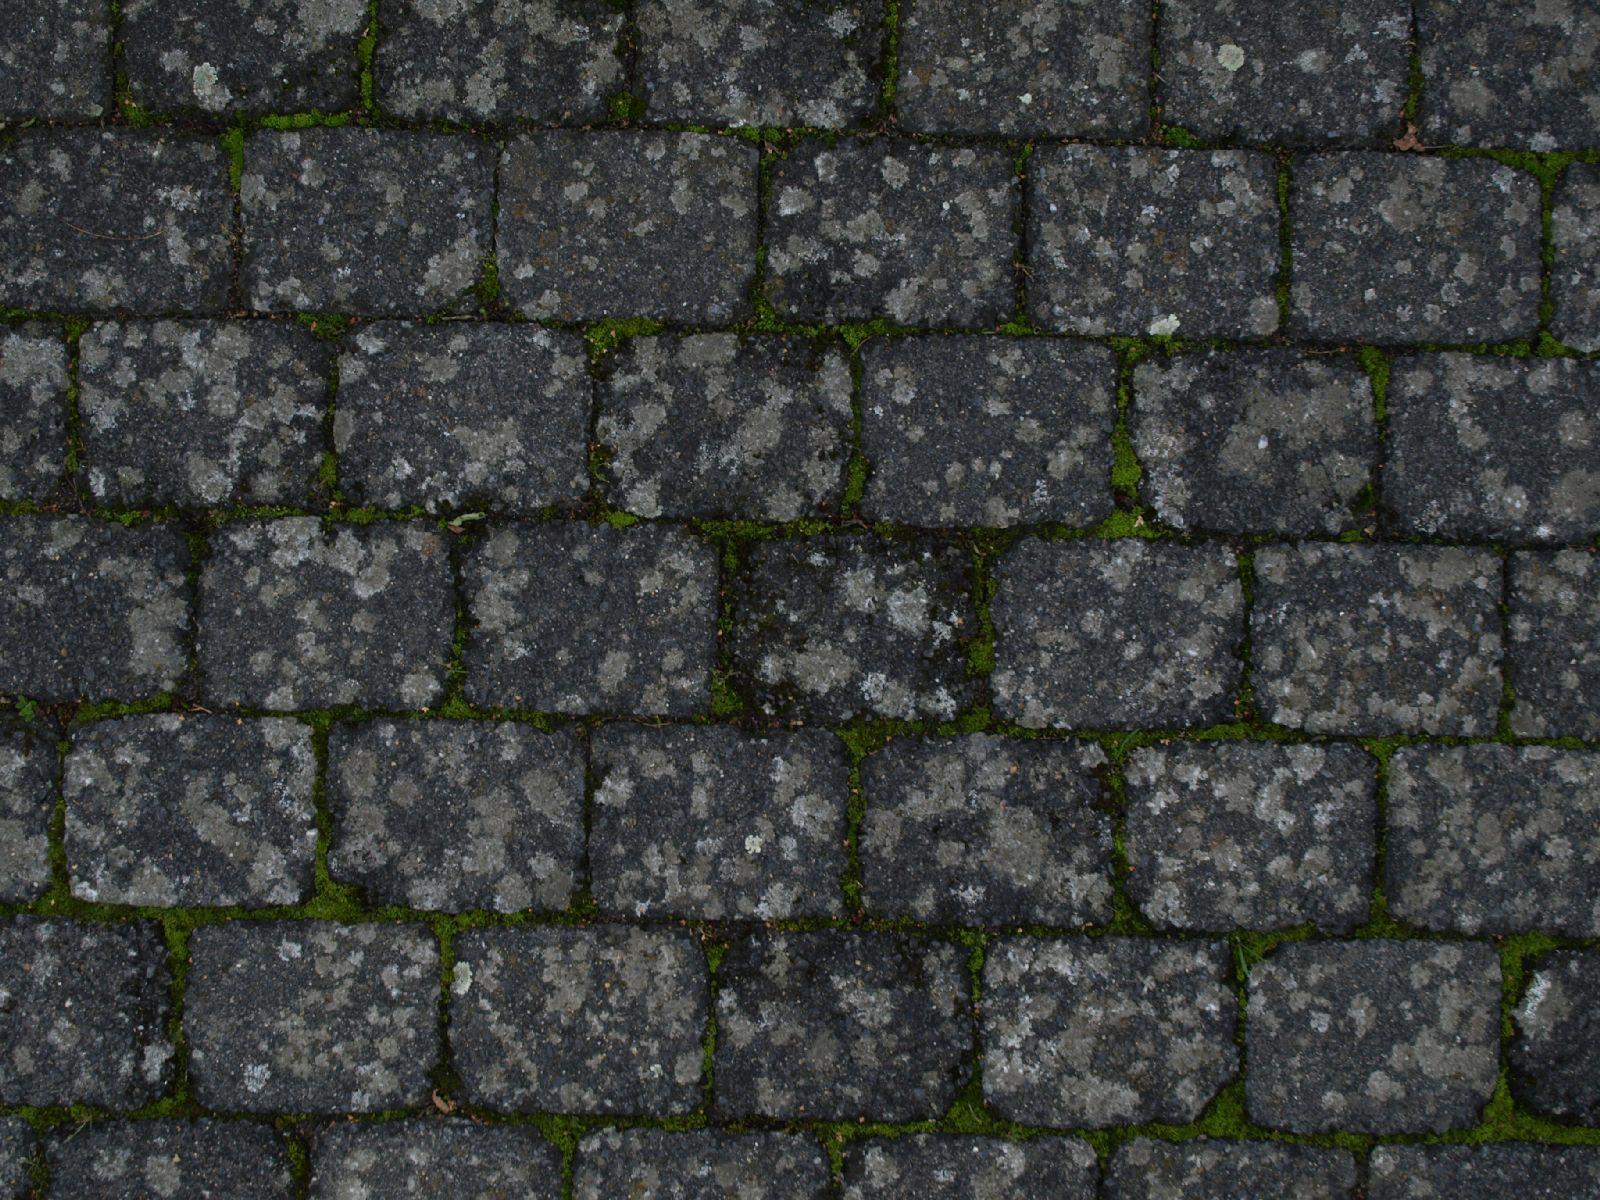 Ground-Urban_Texture_A_P8264631